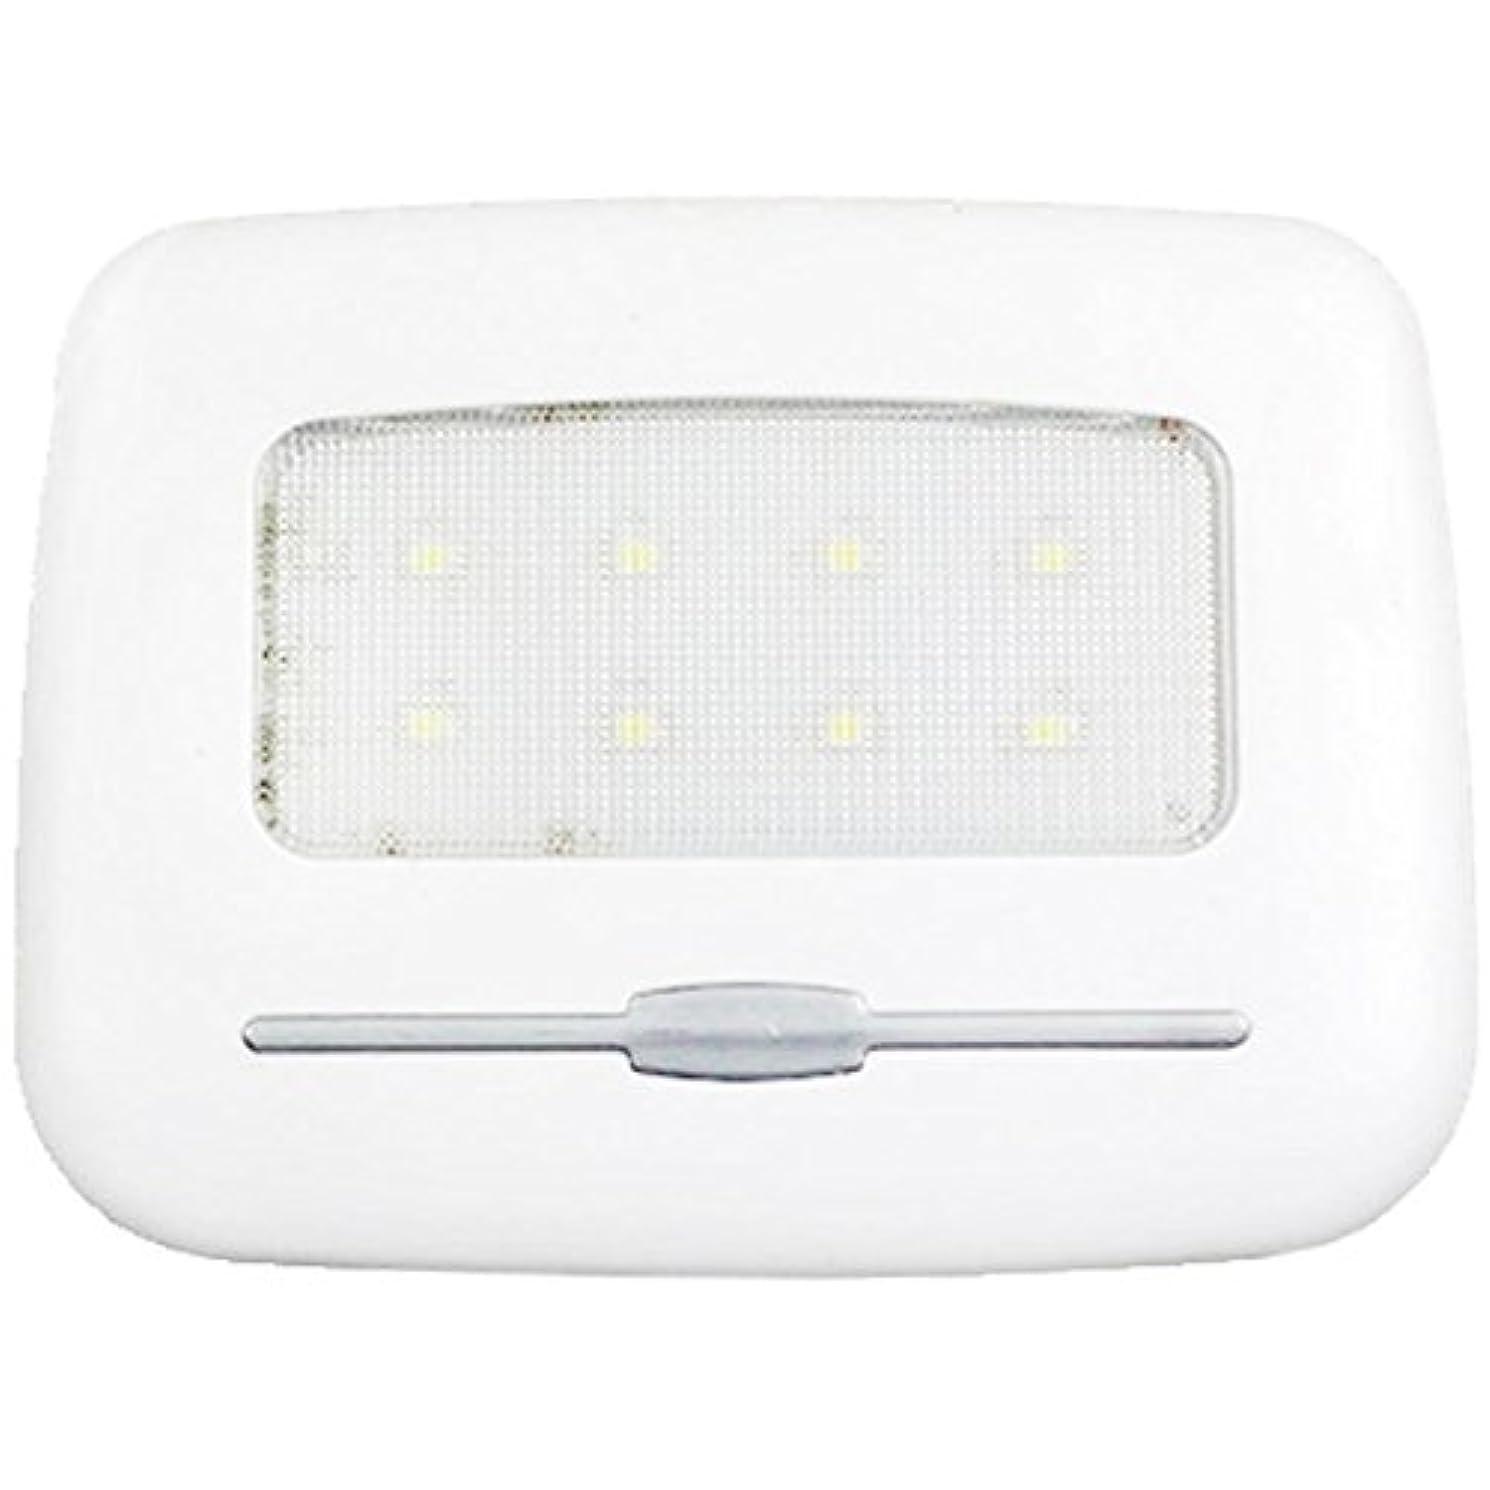 罪機構包括的1stモール タッチセンサー式 LEDライト USB充電 両面テープ マグネット ルームランプ (ホワイト) ST-G016-WH